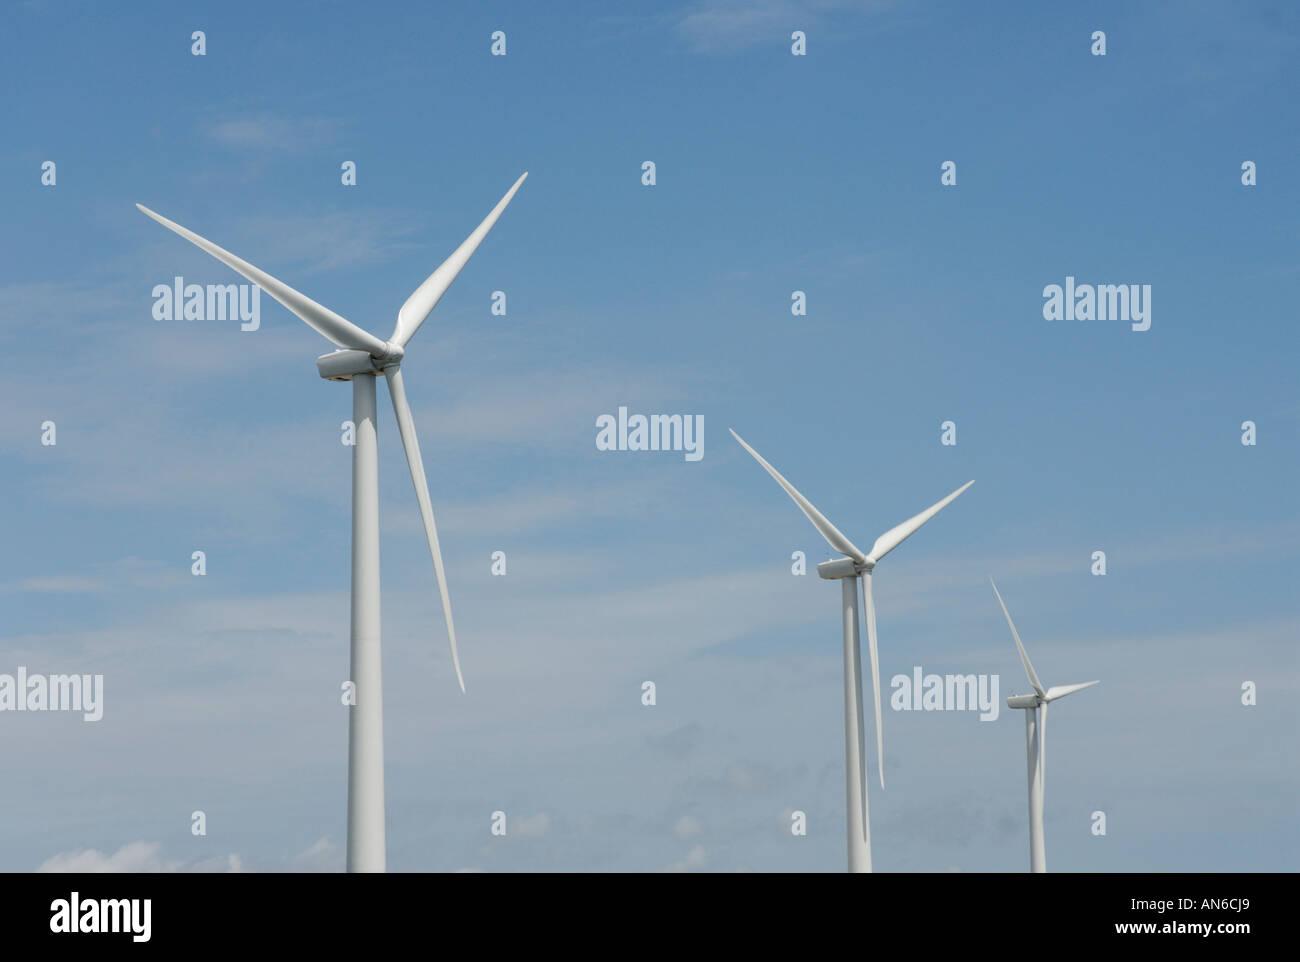 Trois éoliennes, close-up de lames, sur fond de ciel bleu. 'Énergie éolienne wind farm' éoliennes l'énergie de remplacement, renwable energy. Photo Stock